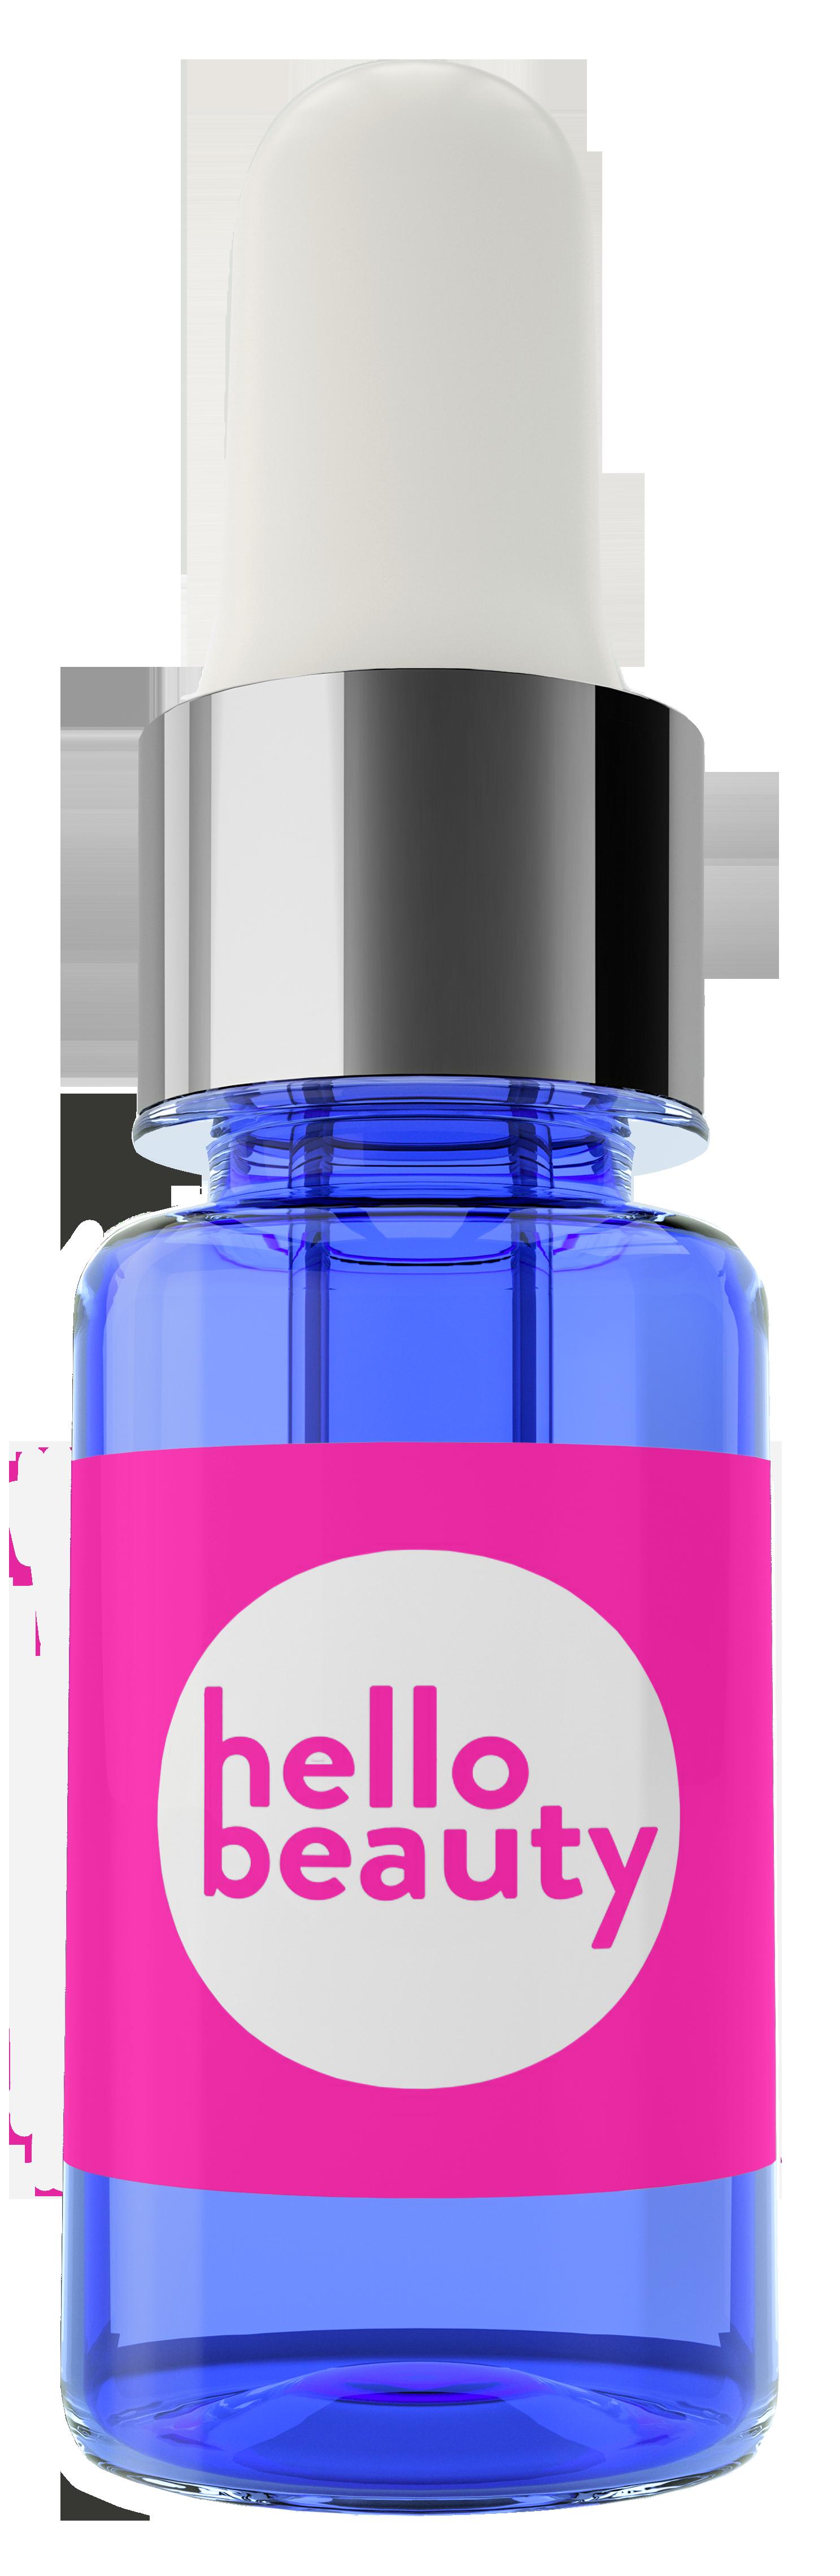 Купить HELLO BEAUTY Сыворотка омолаживающая с экстрактом красного клевера, уменьшает глубину морщин и придает коже гладкость 10 мл